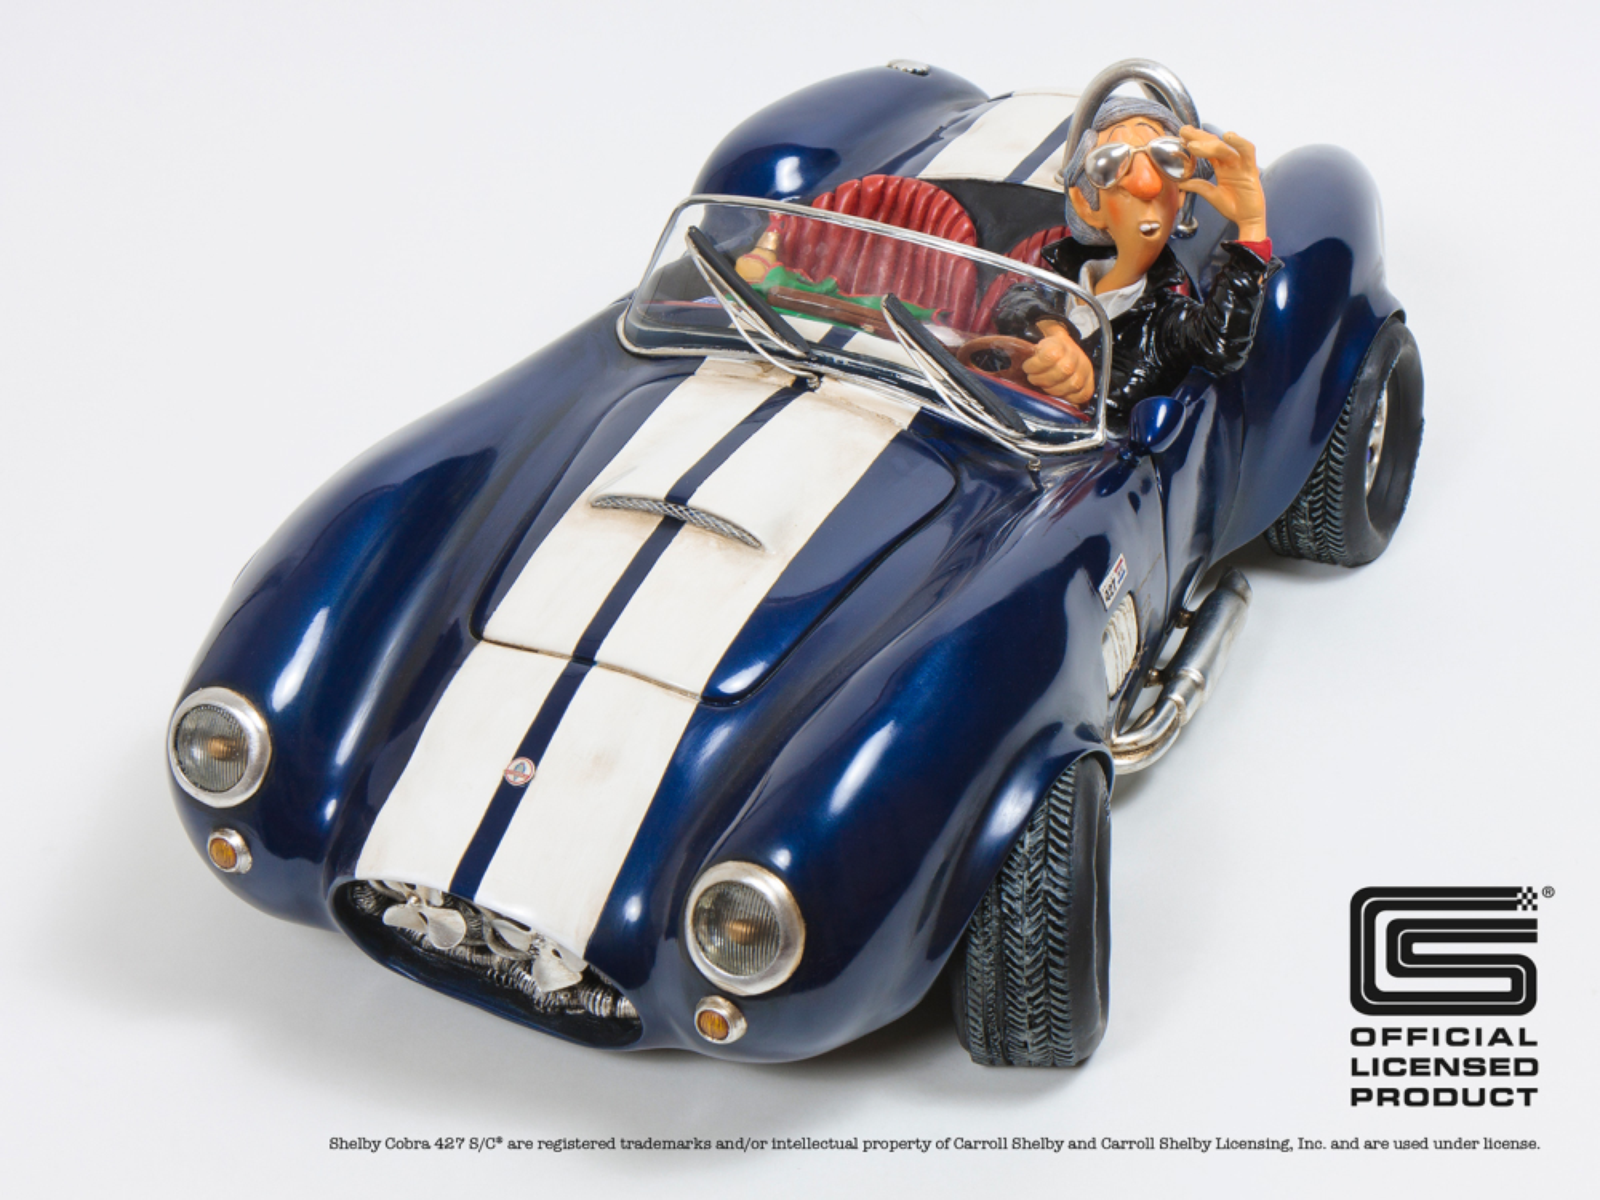 Figurine Shelby Cobra - Guilermo Forchino (FO85071)